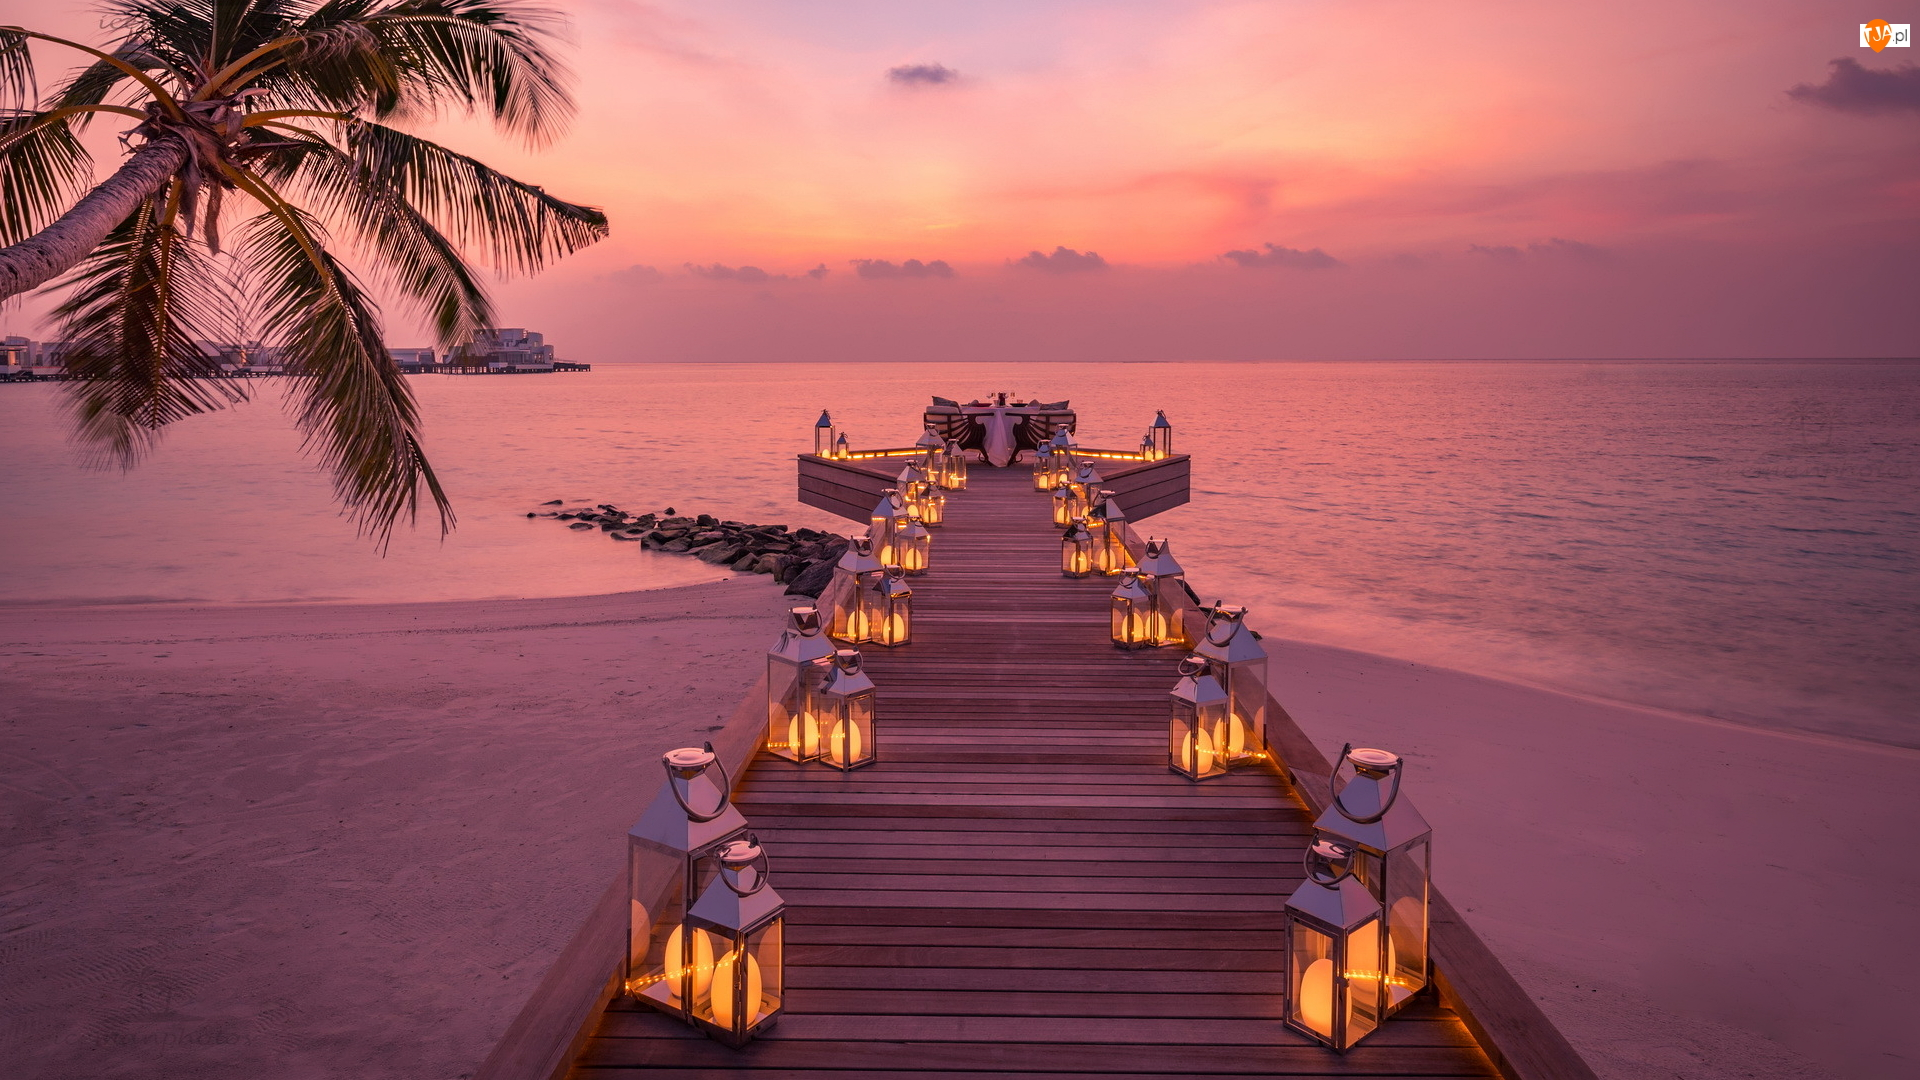 Zachód słońca, Pomost, Malediwy, Morze, Palma, Stół, Lampiony